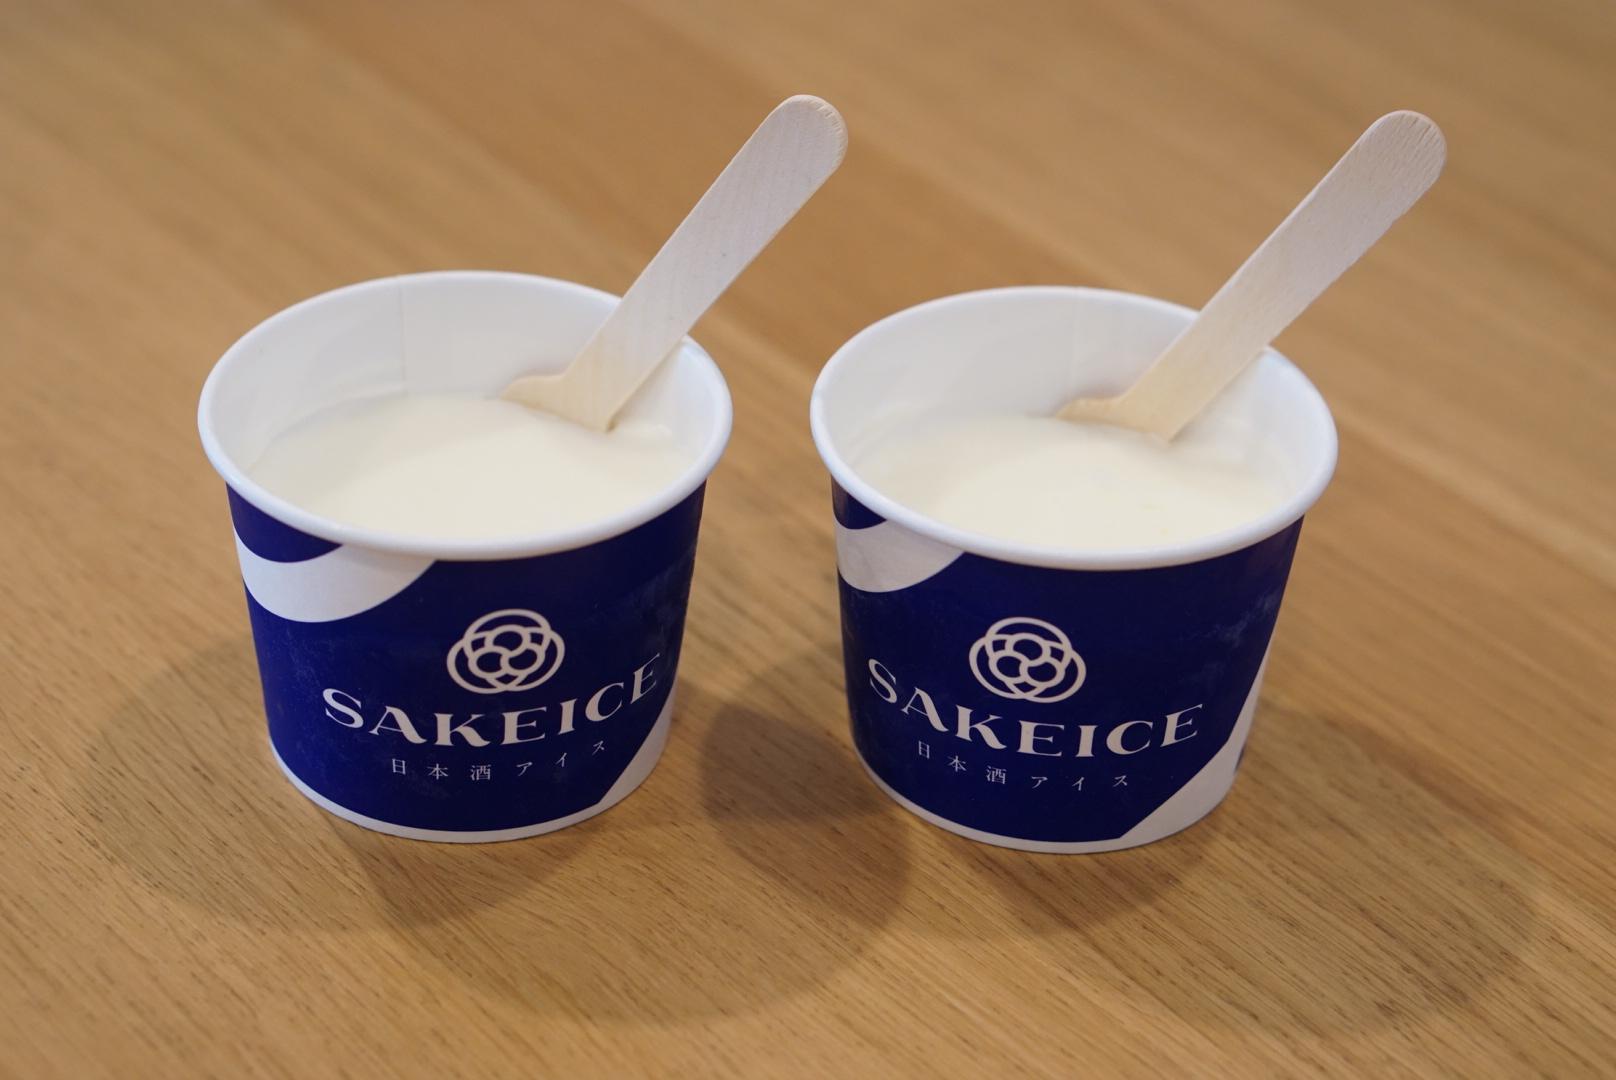 SAKE ICE 日本酒 アイス 浅草